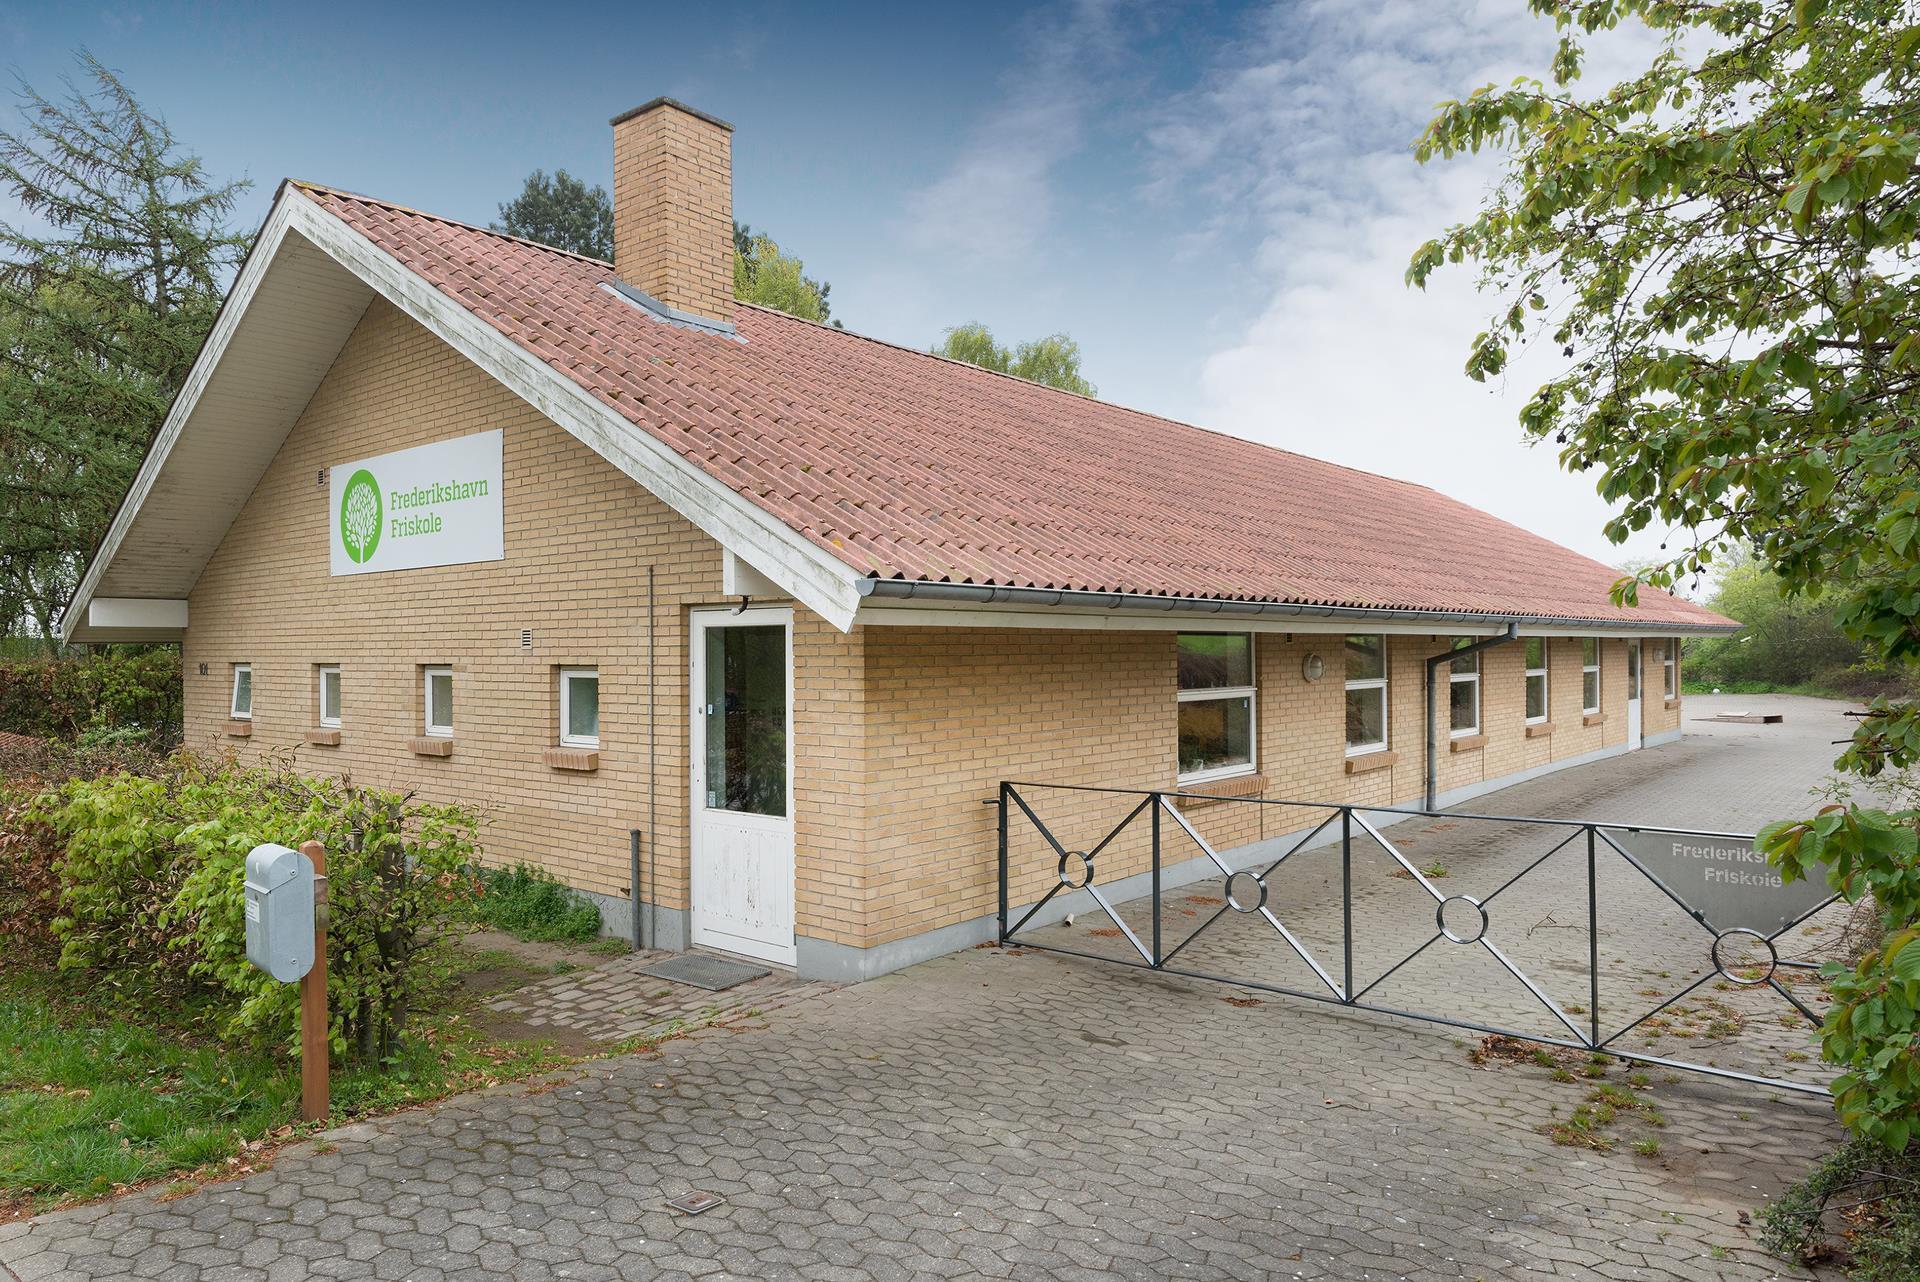 Andet på Nytorv i Frederikshavn - Andet